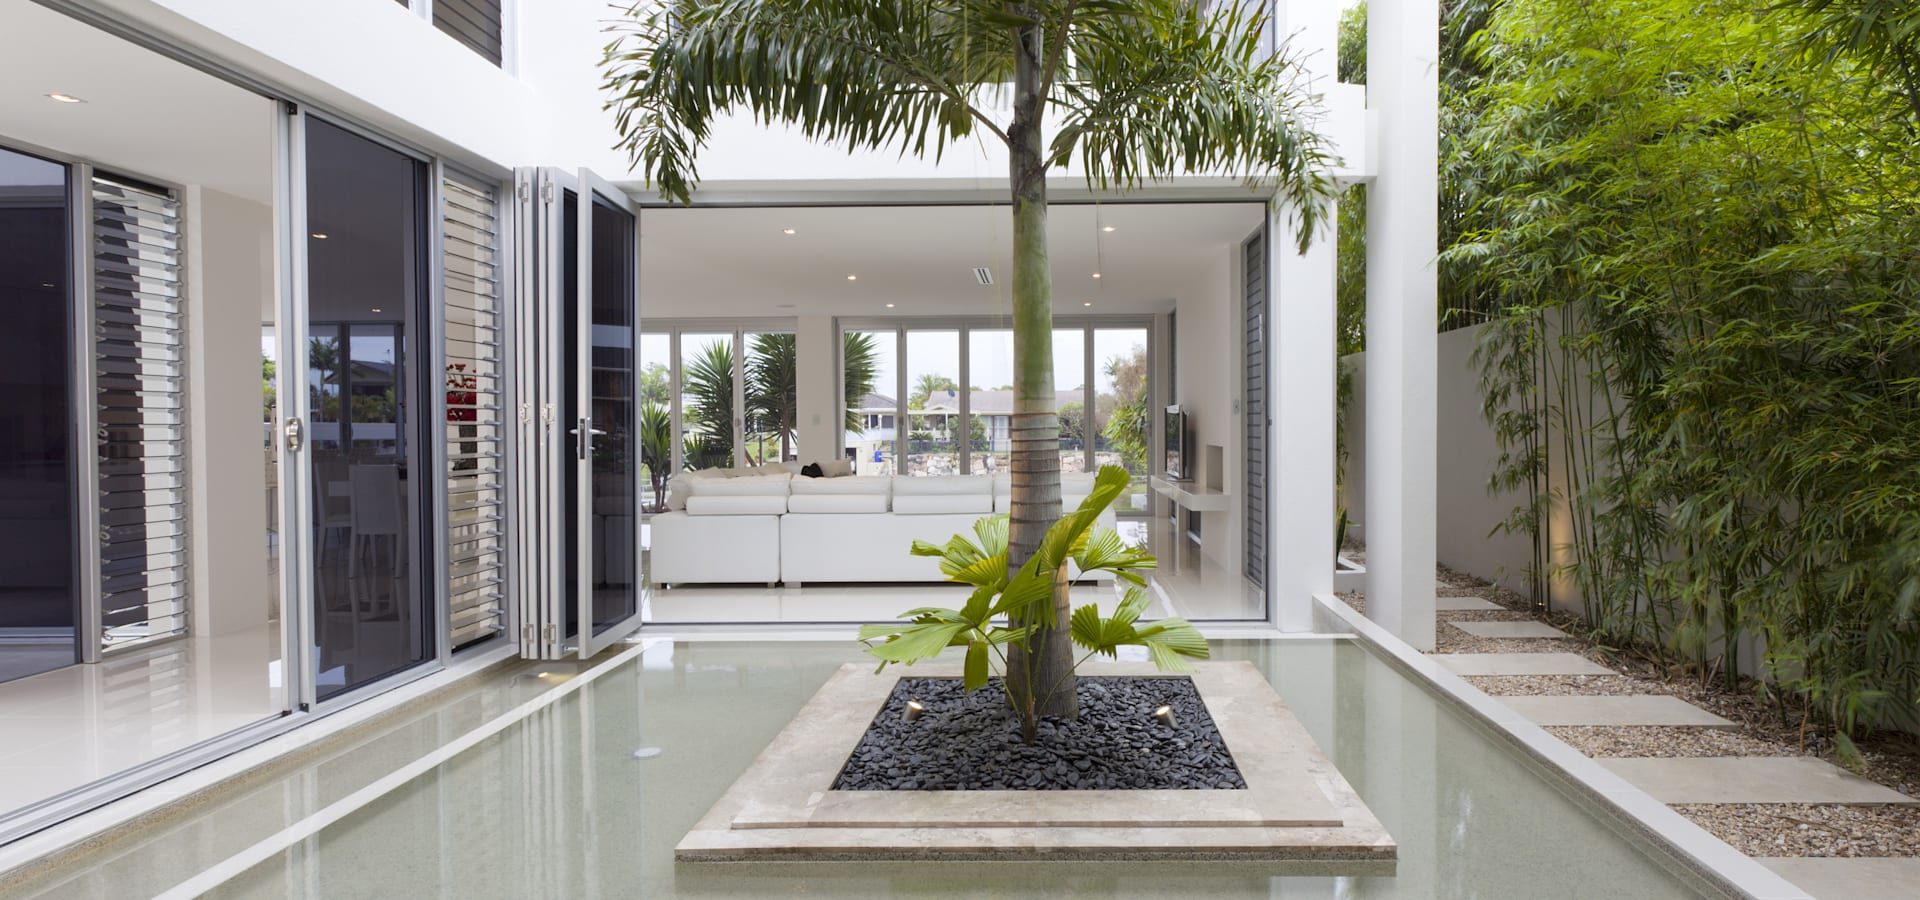 Letícia Passarini – Arquitetura & Interiores